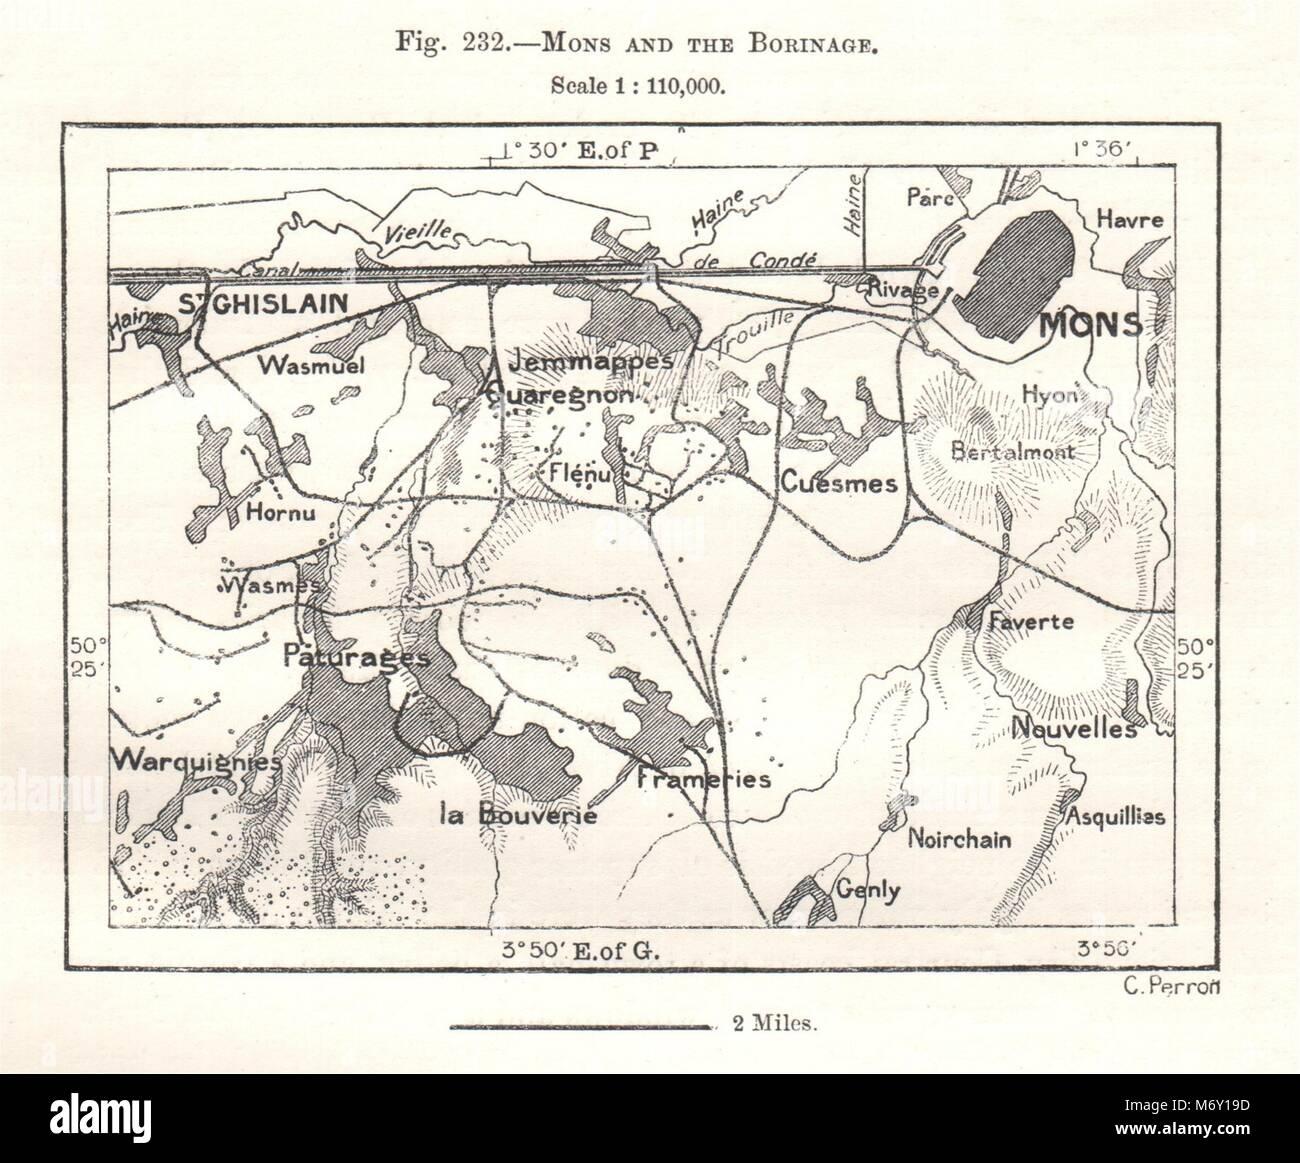 Carte Belgique Mons.Mons Et Le Borinage La Belgique Croquis 1885 Ancienne Carte Plan